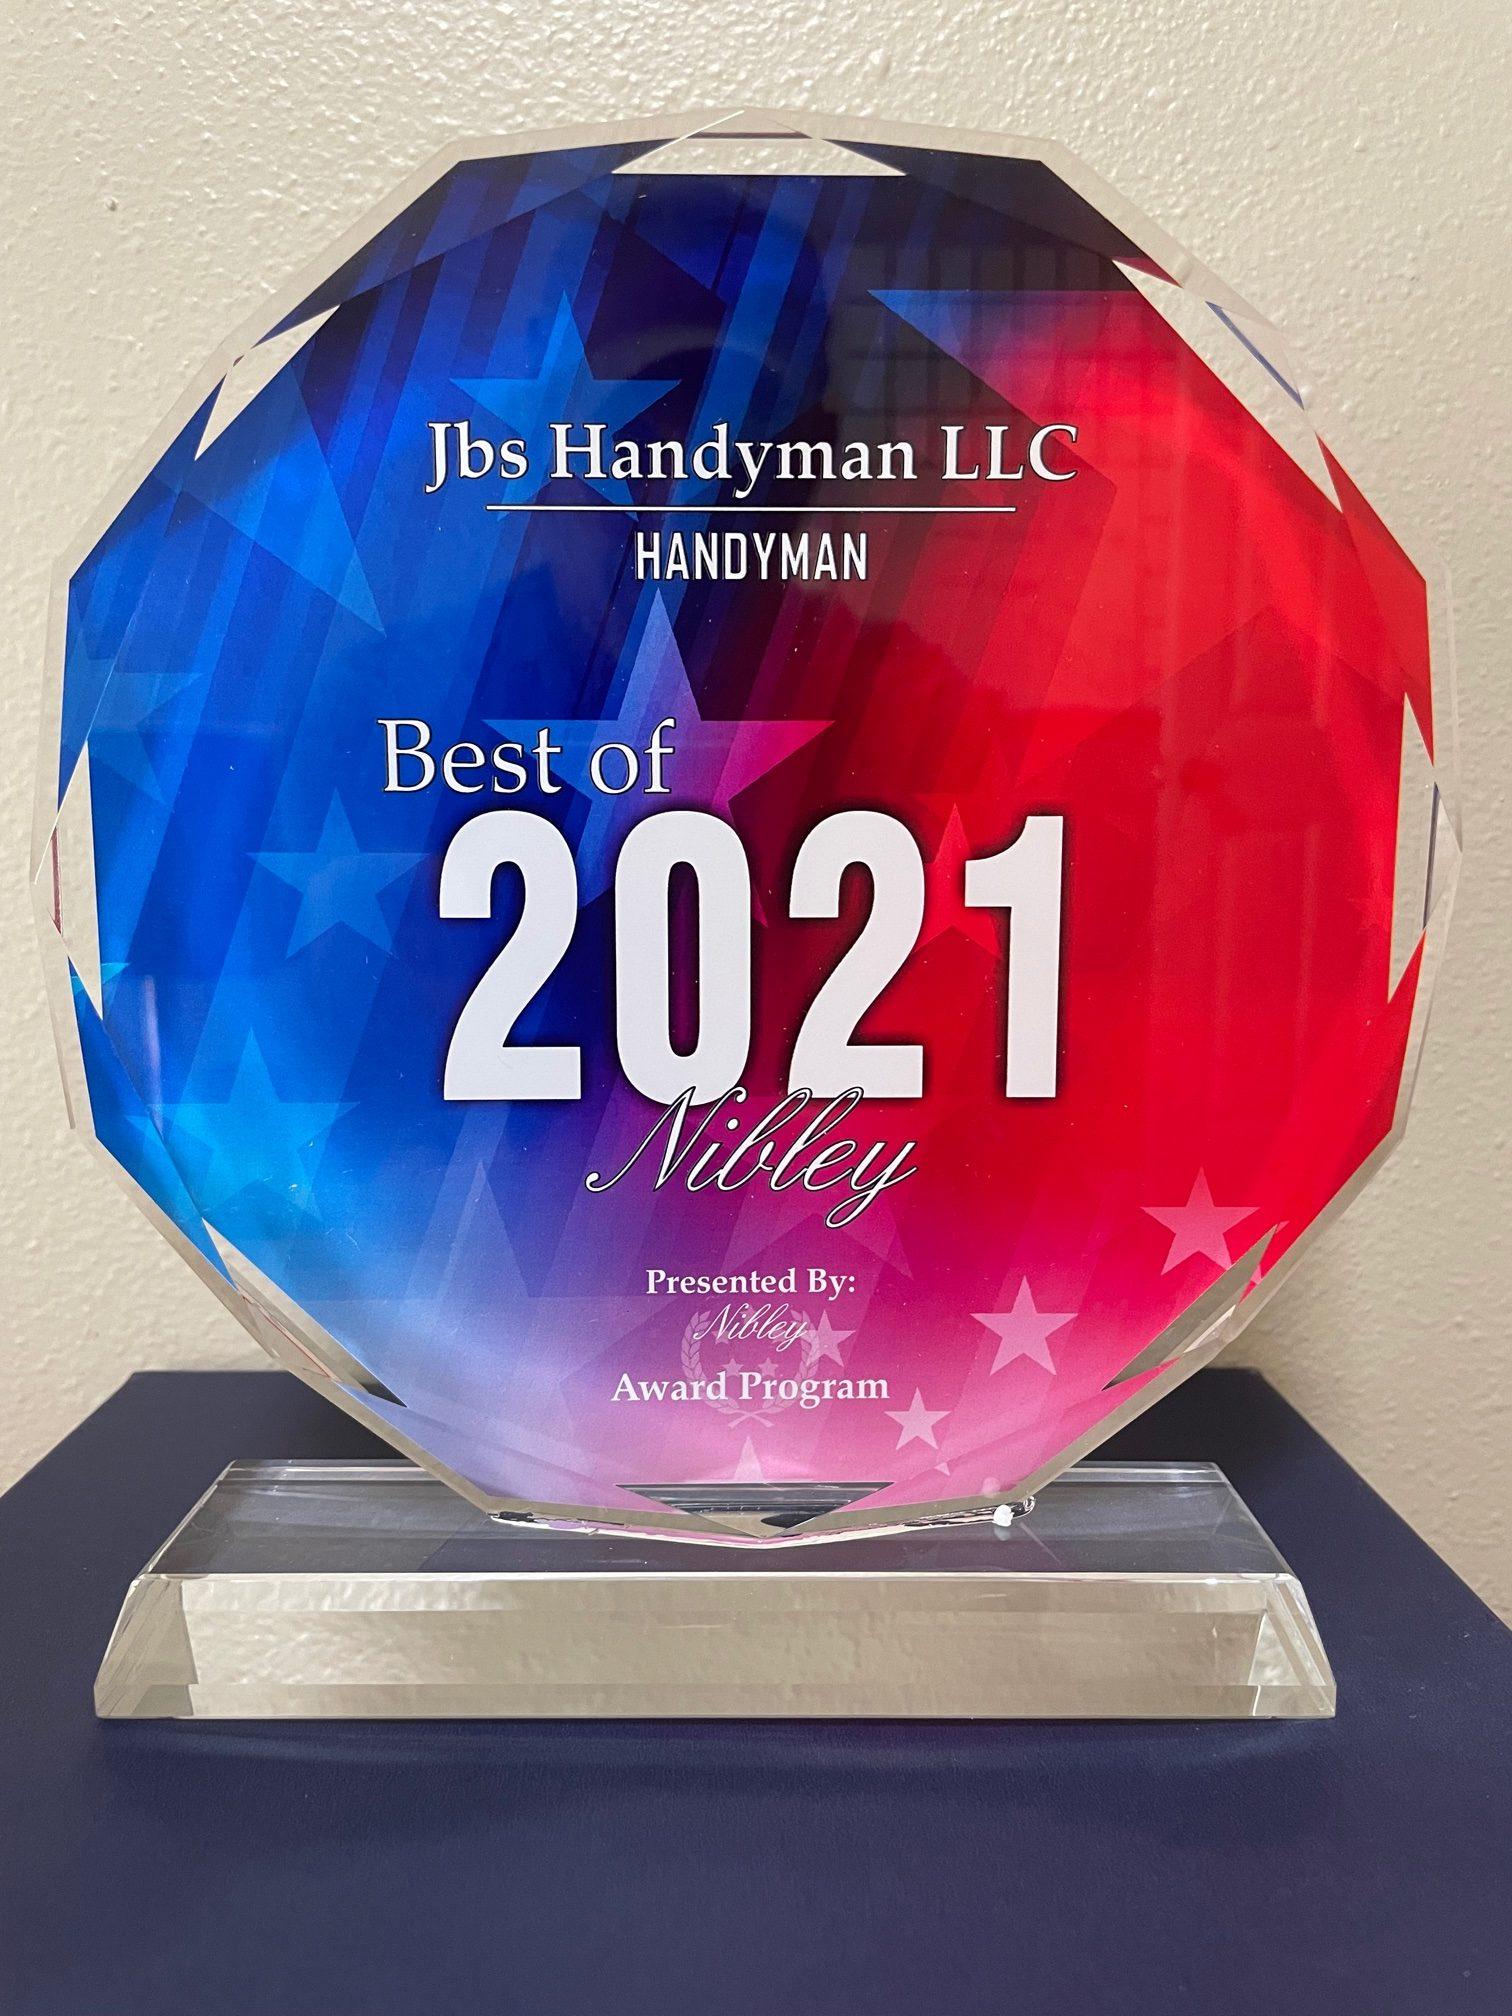 JBs Handyman LLC Best of Nibley 2021 Presented by Nibley Award Program